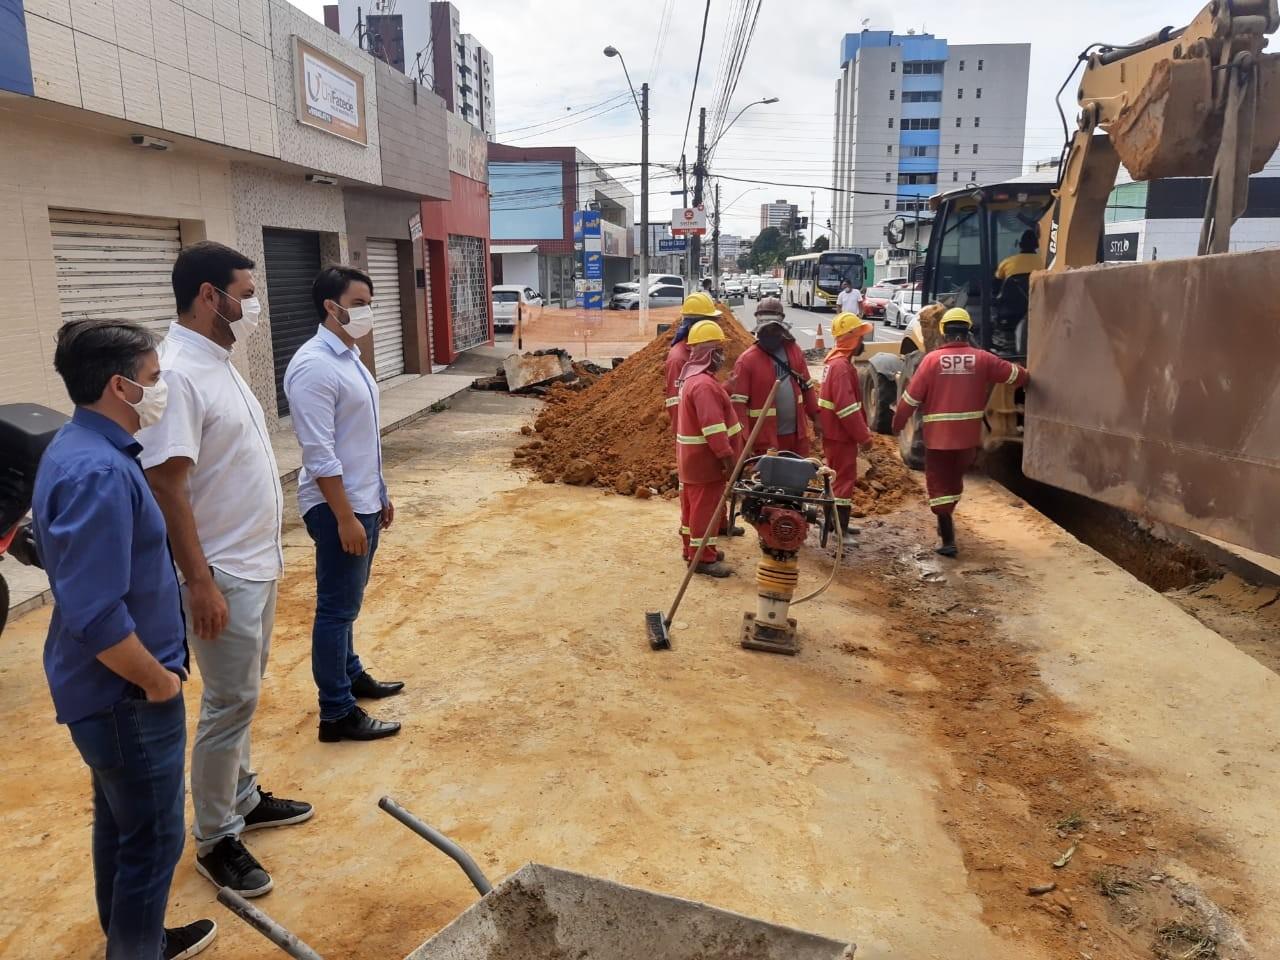 Vereadores de Maceió criam comissão especial e passam a fiscalizar obras de saneamento